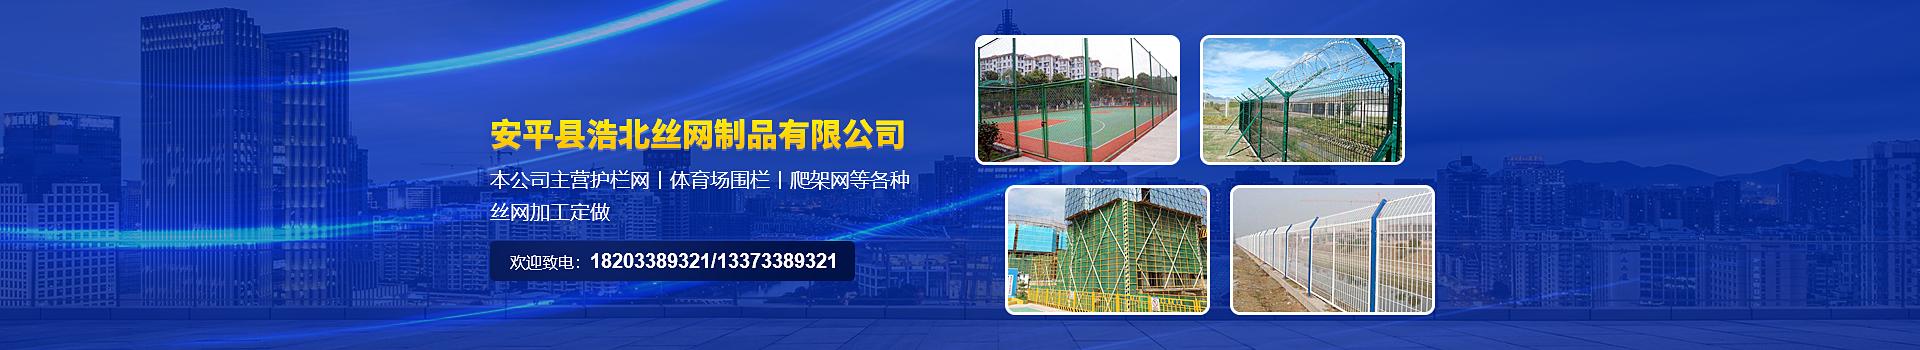 安平县浩北丝网制品有限公司